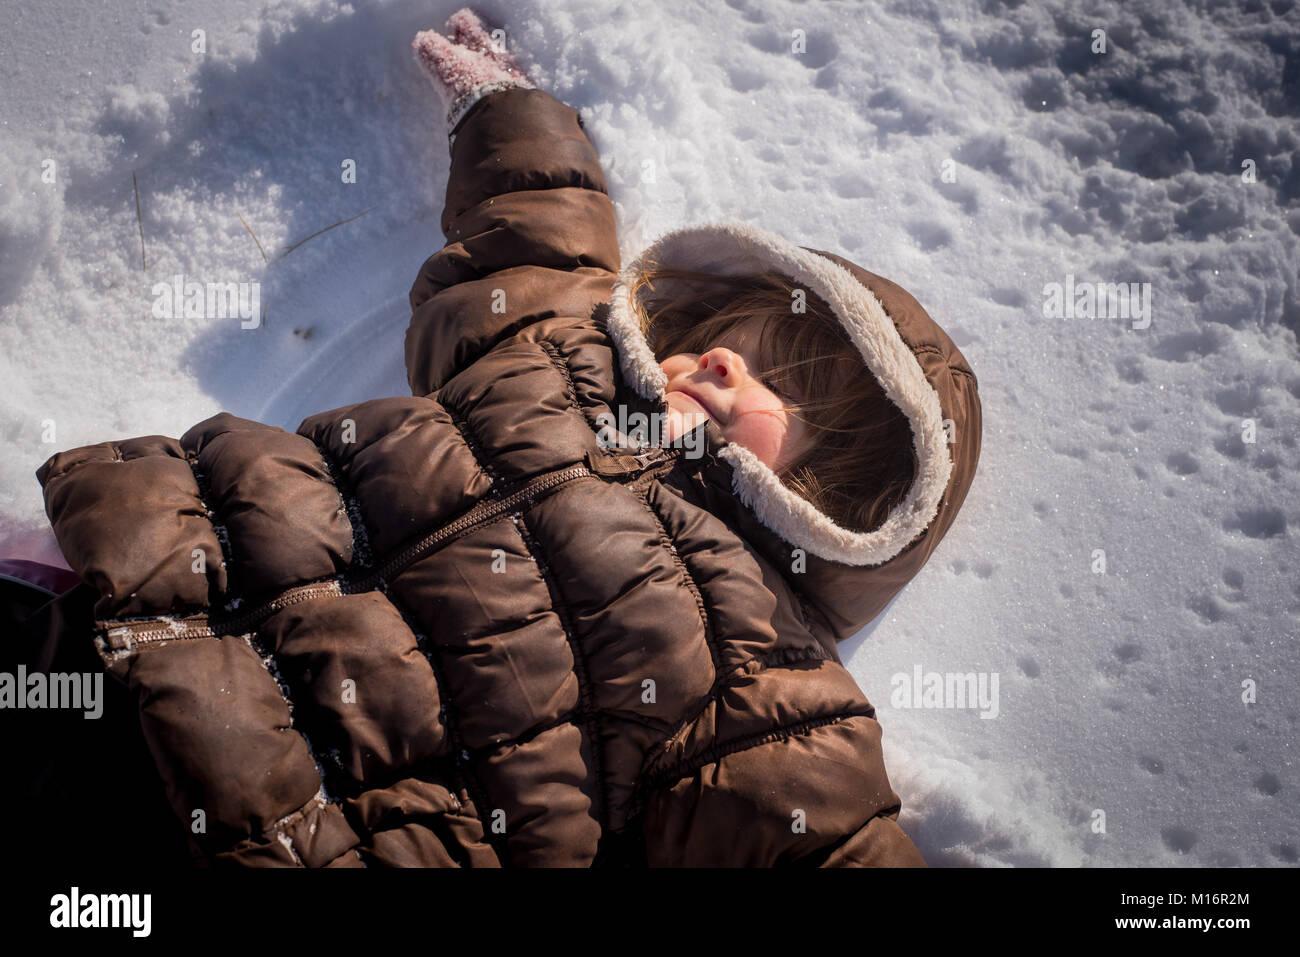 Una tre-anno vecchia ragazza fa un angelo di neve nella neve nel nordest degli Stati Uniti. Immagini Stock